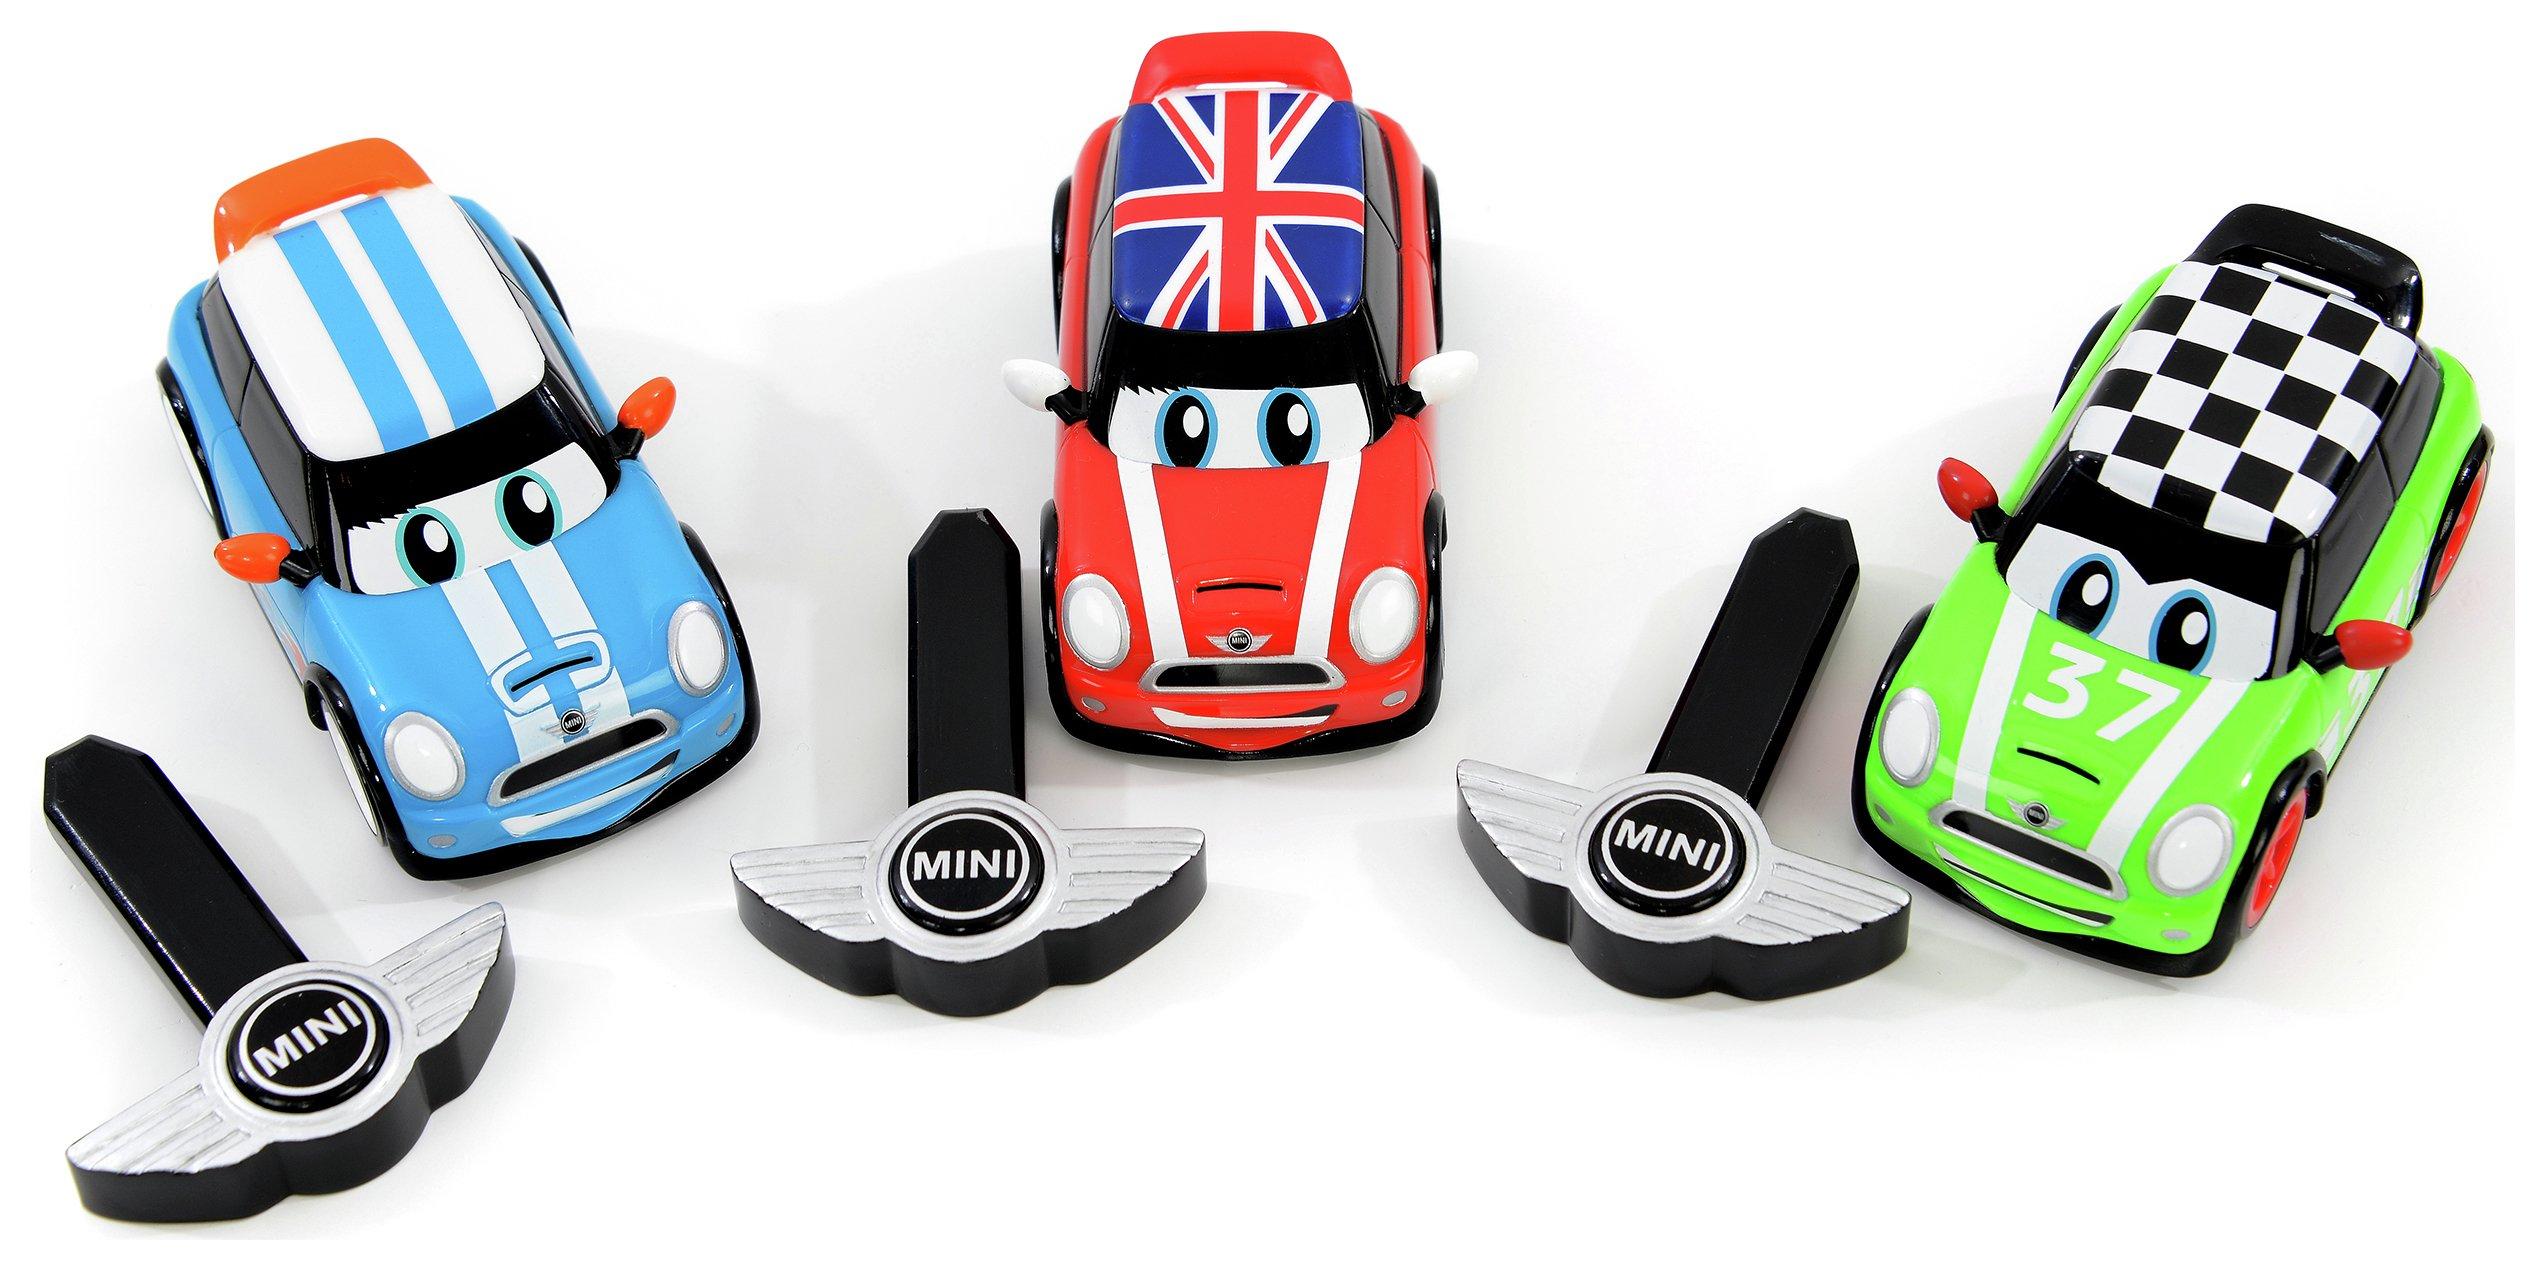 Image of Go Mini Key Racer 3 Pack.